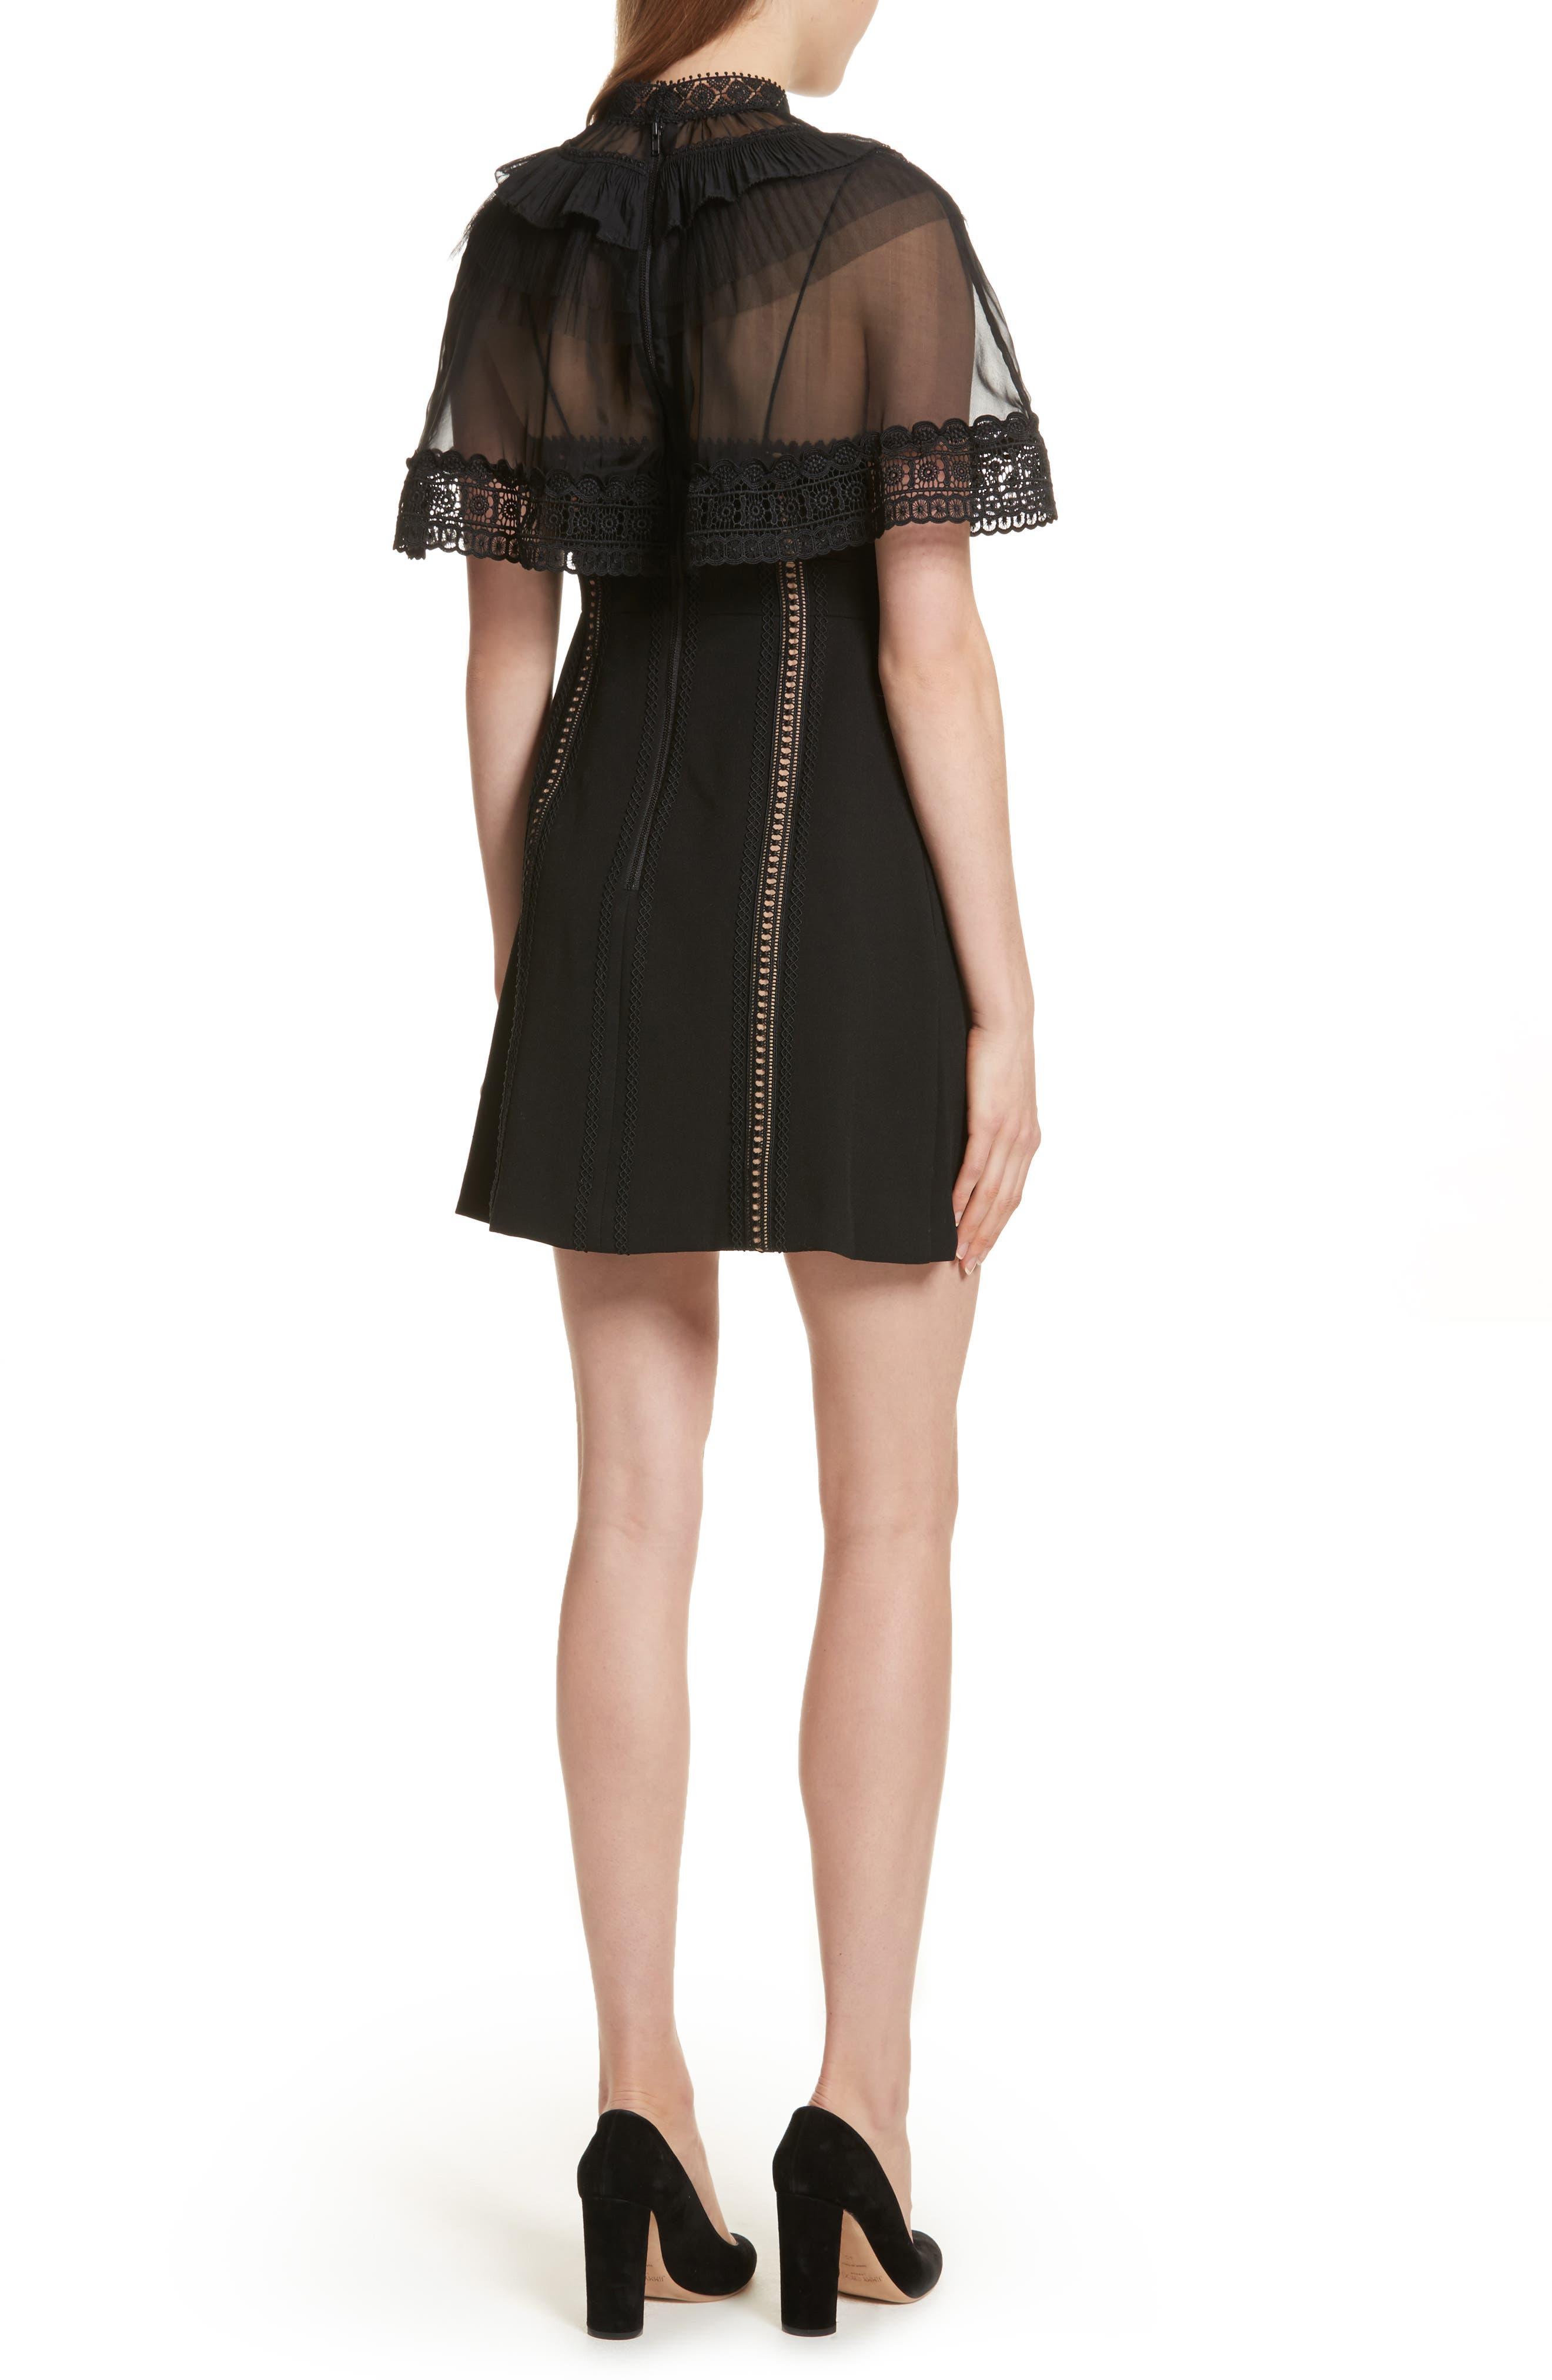 Trimmed Overlay Minidress,                             Alternate thumbnail 2, color,                             Black